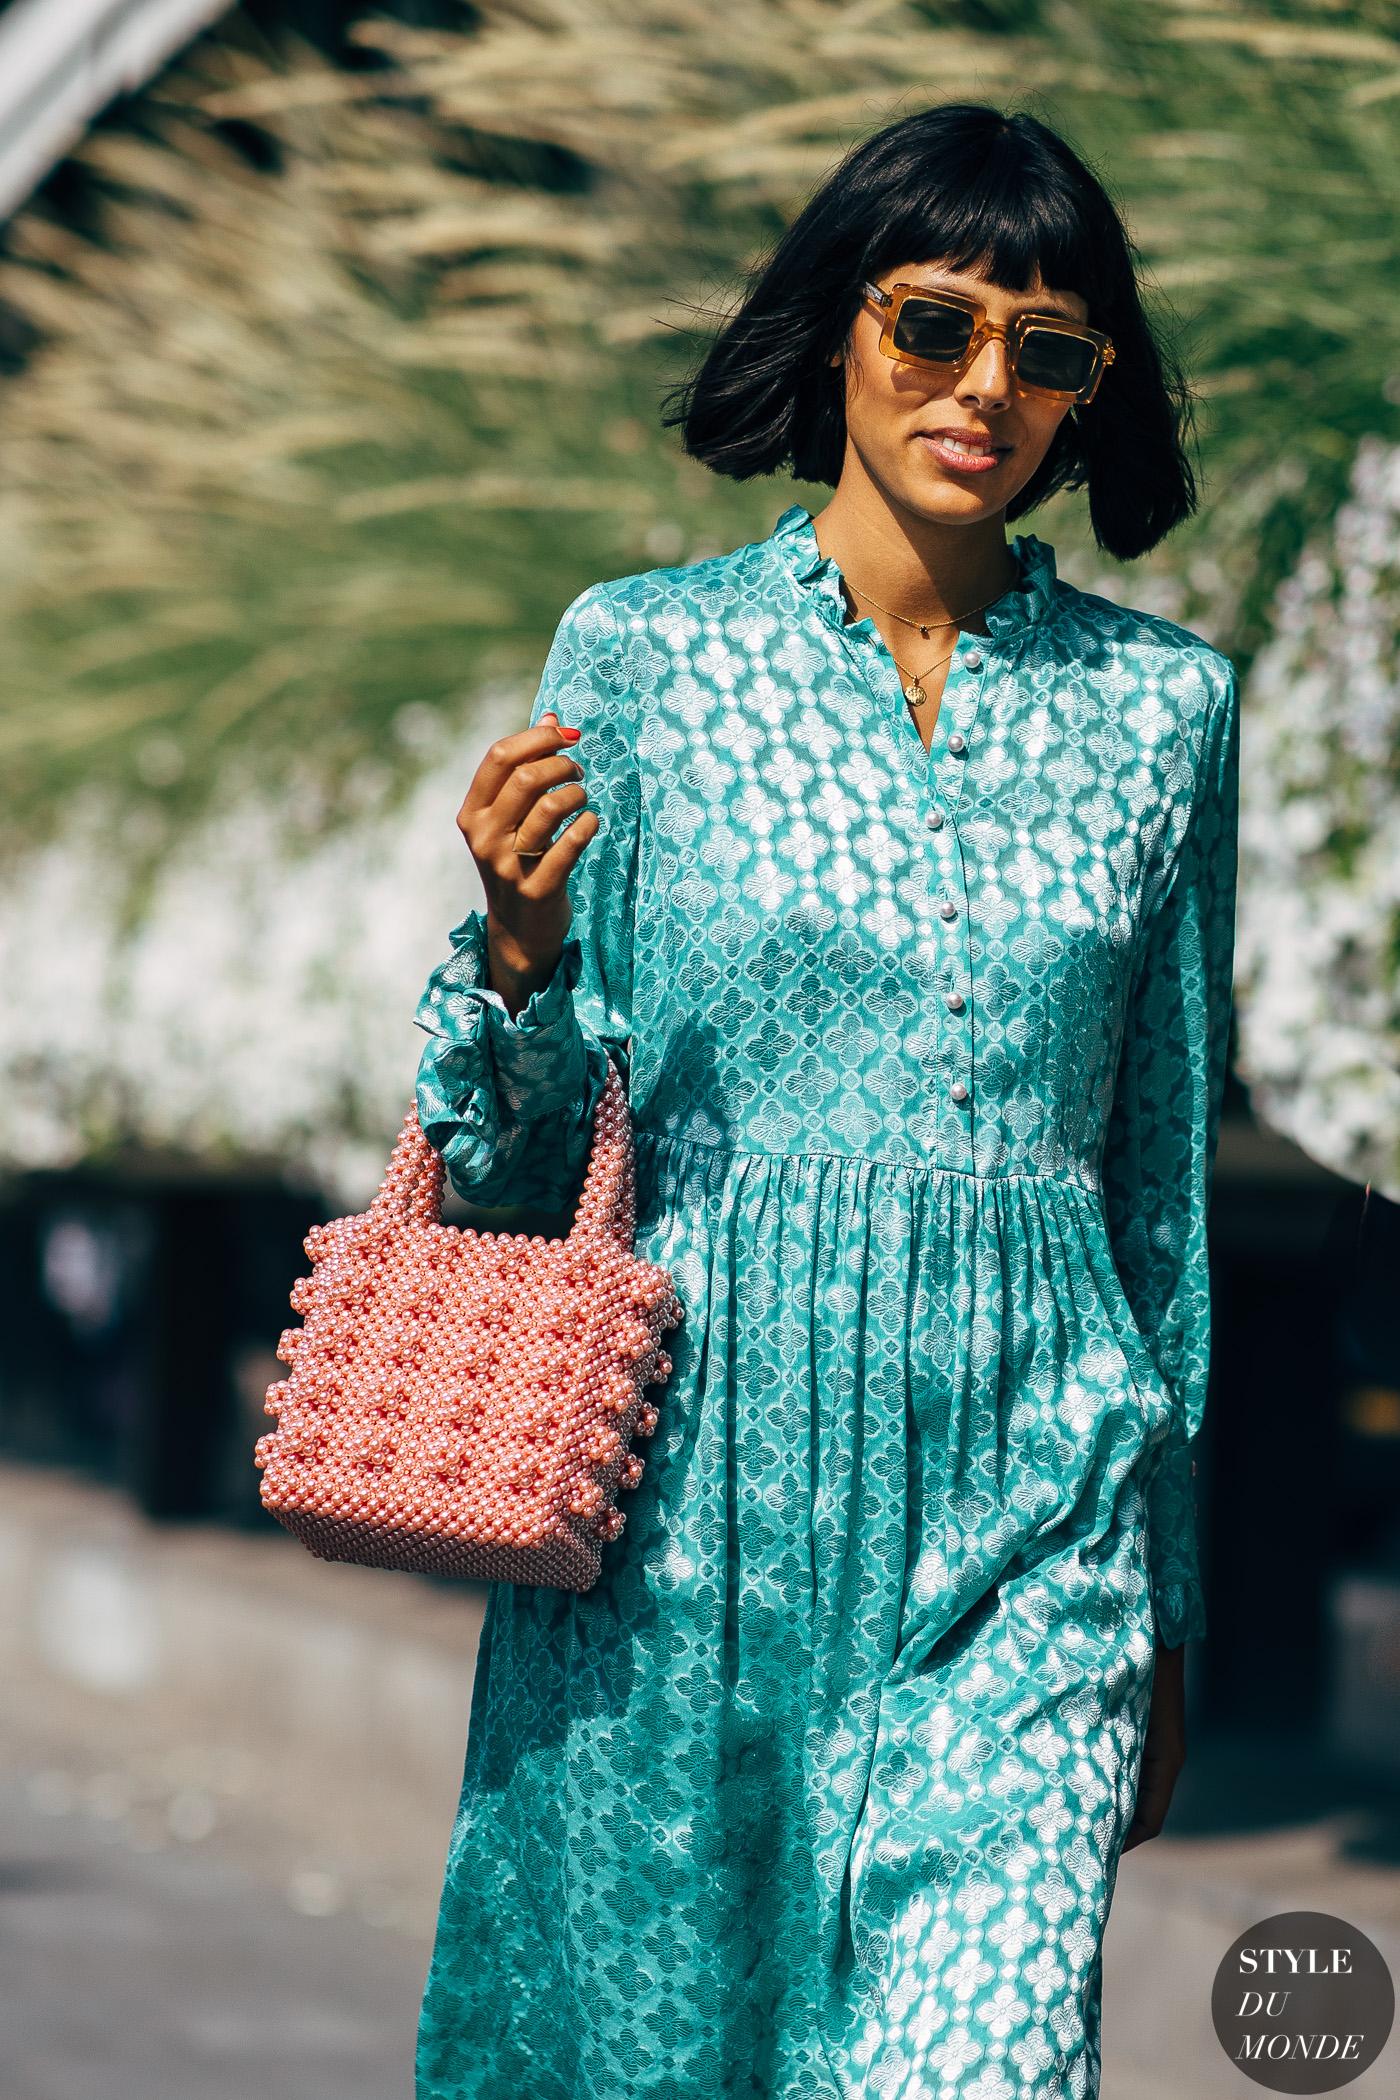 Cách phối màu xanh ngọc trong trang phục với phụ kiện màu sắc